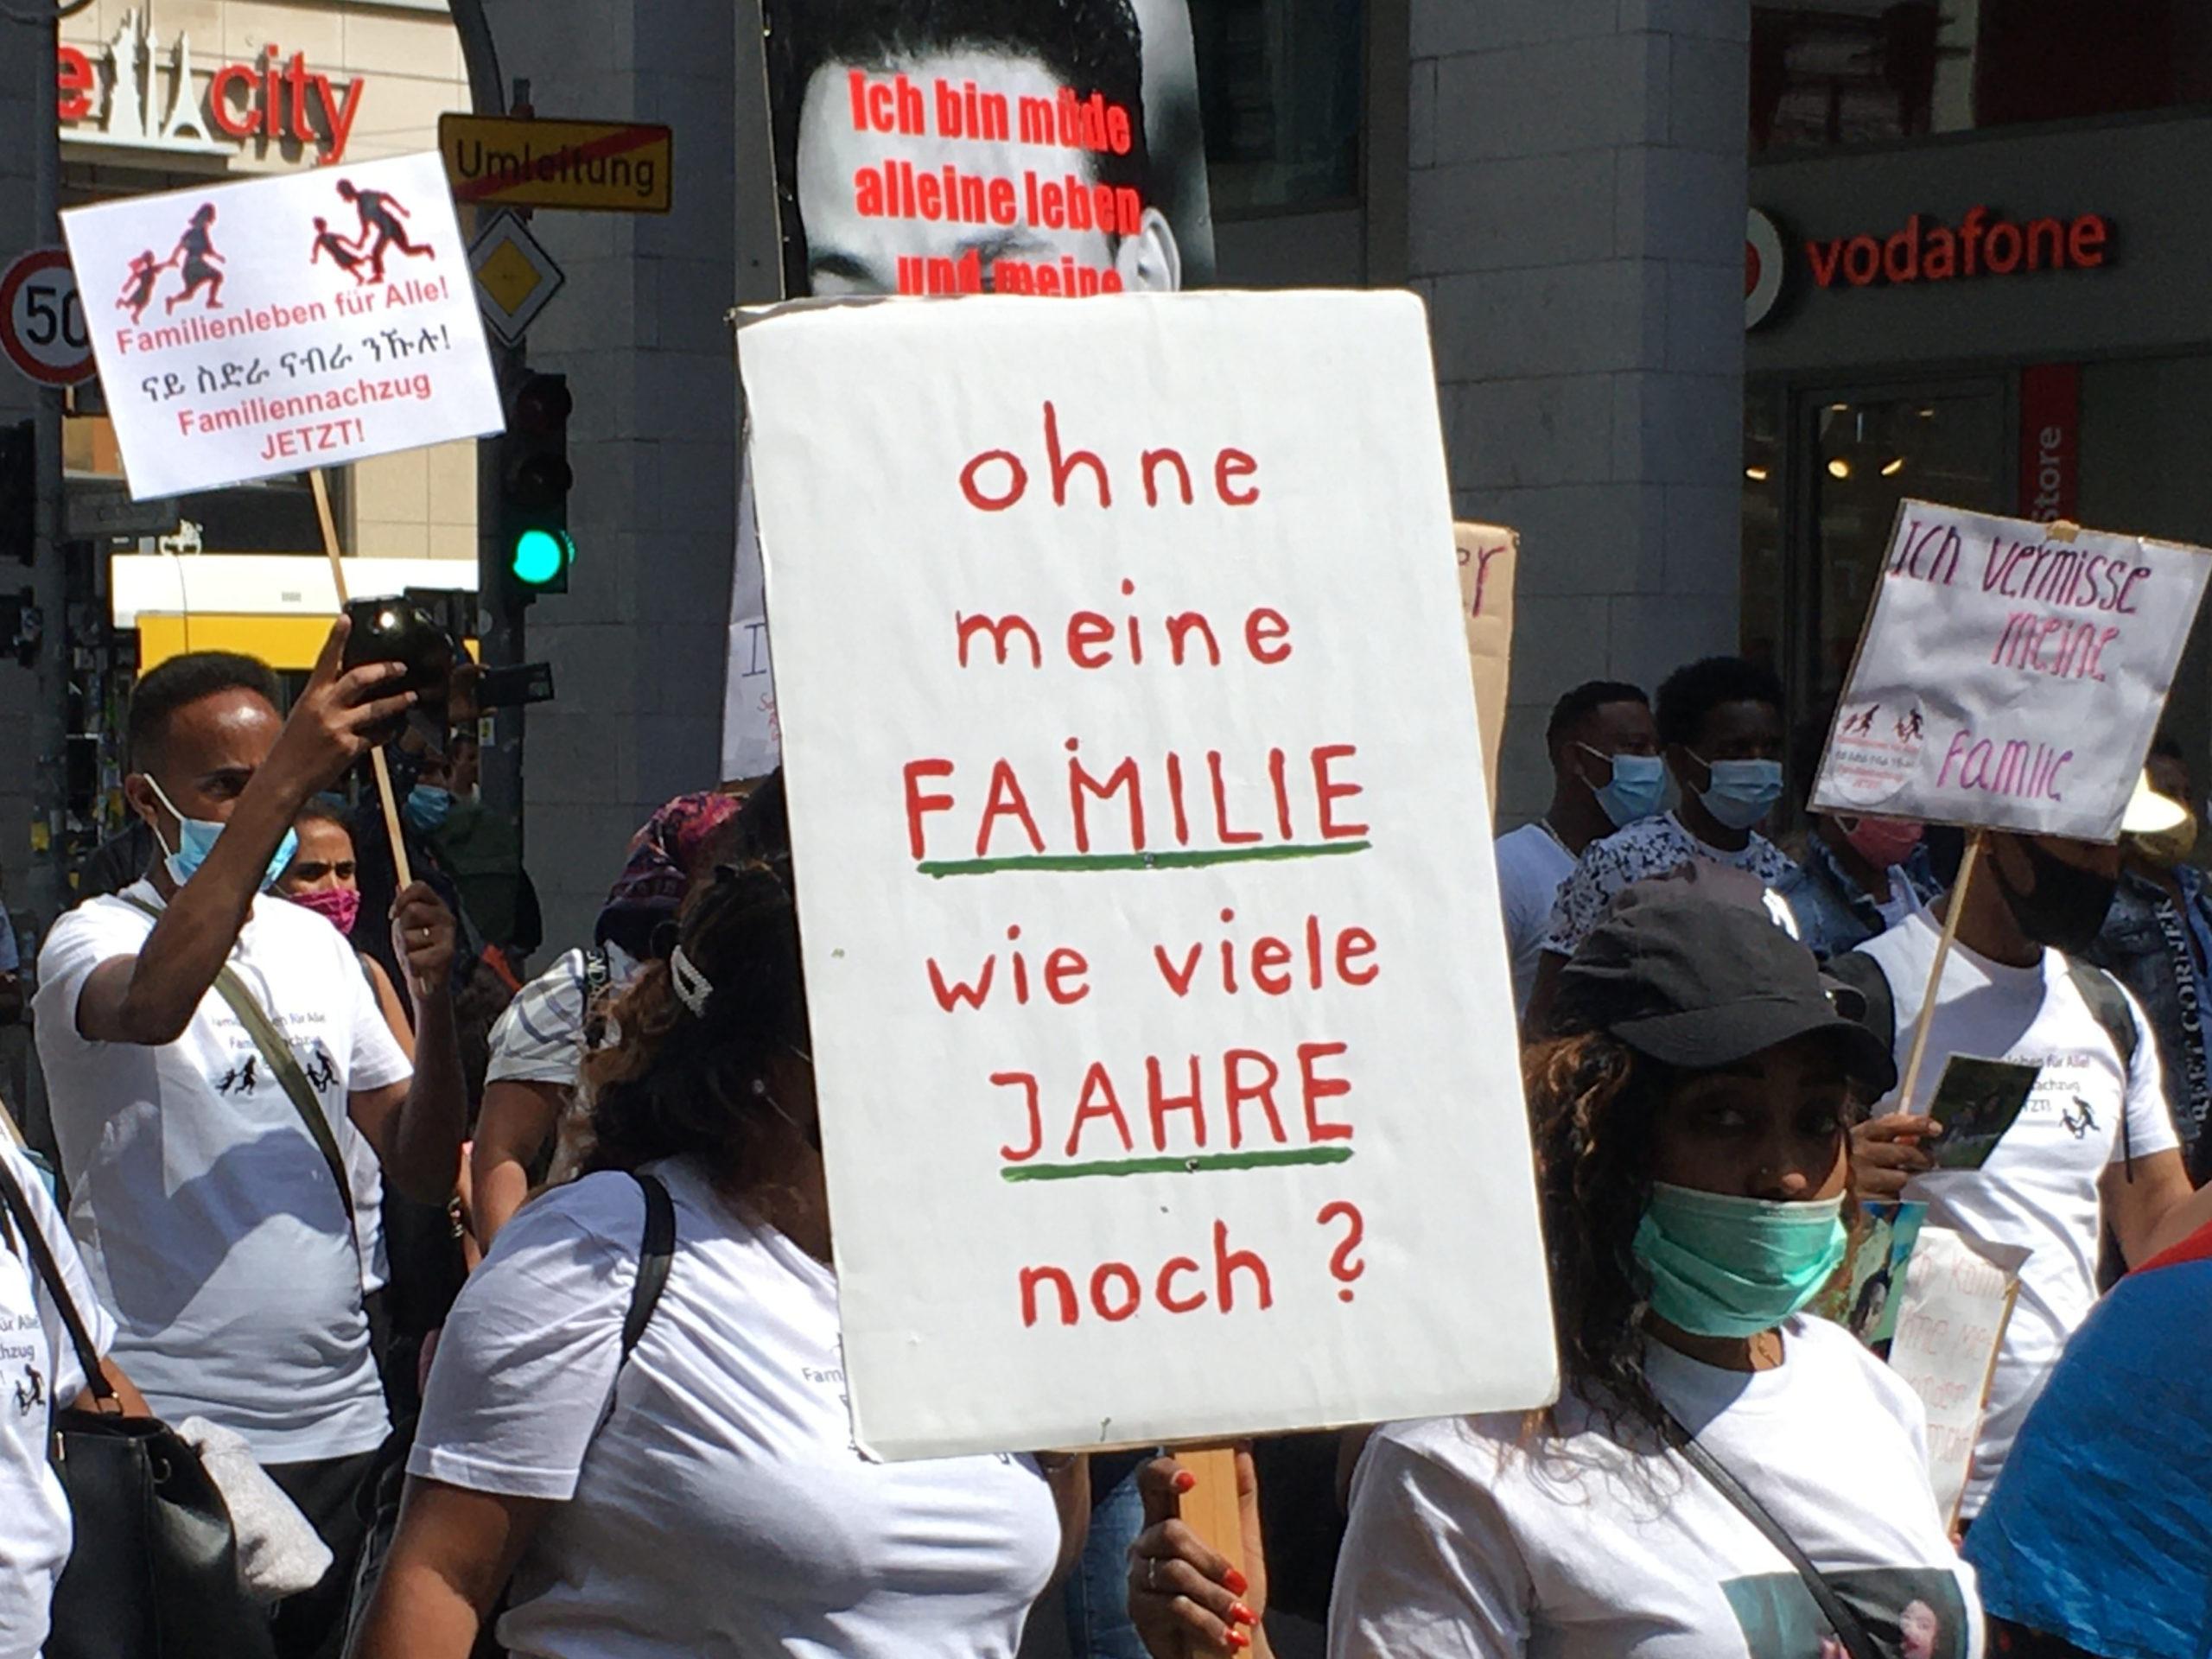 30.11-01.12.2020: Kundgebung 'Familiennachzug jetzt!'